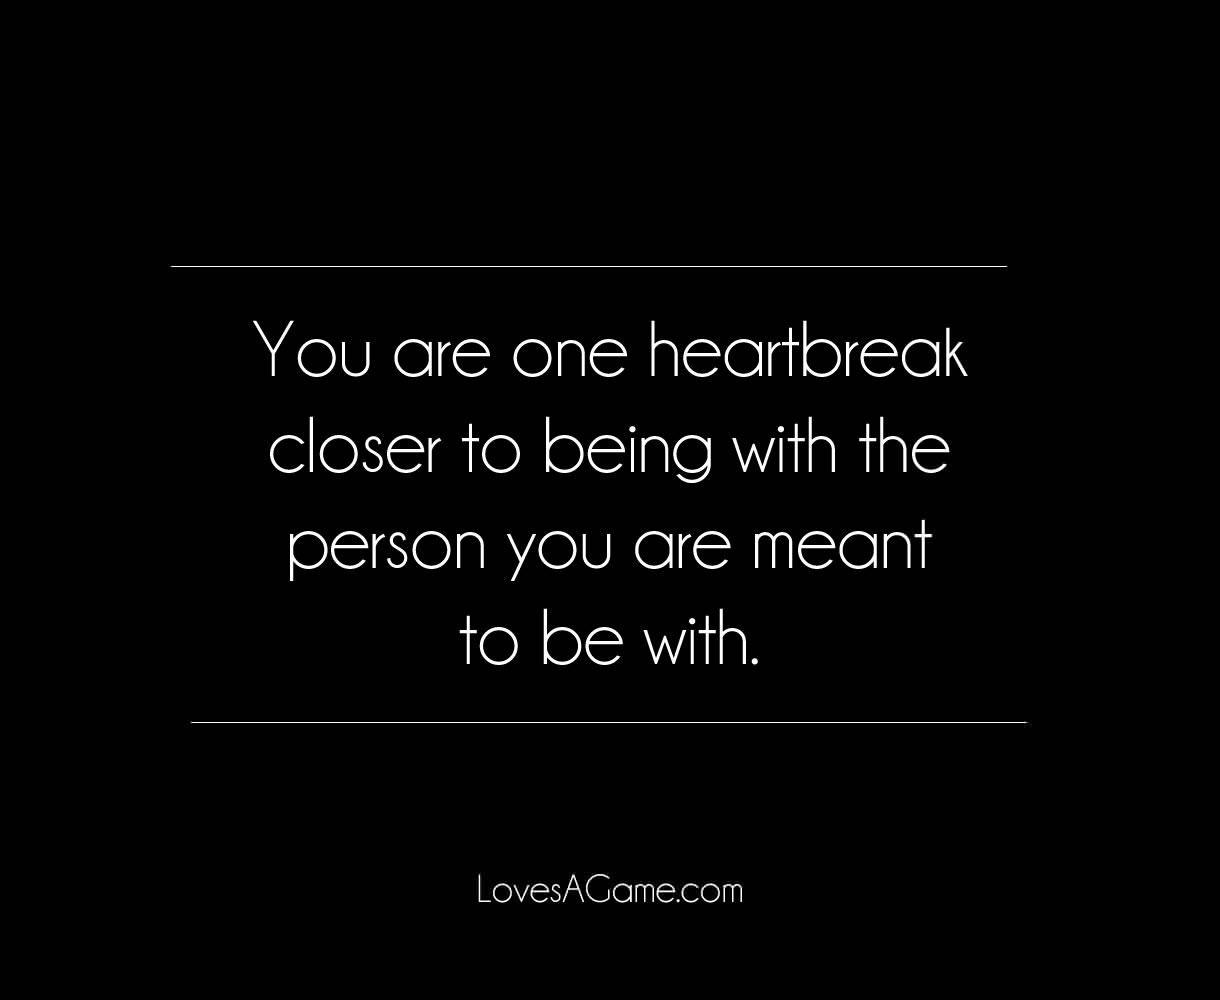 Positive Quotes After Heartbreak Pinterest thumbnail